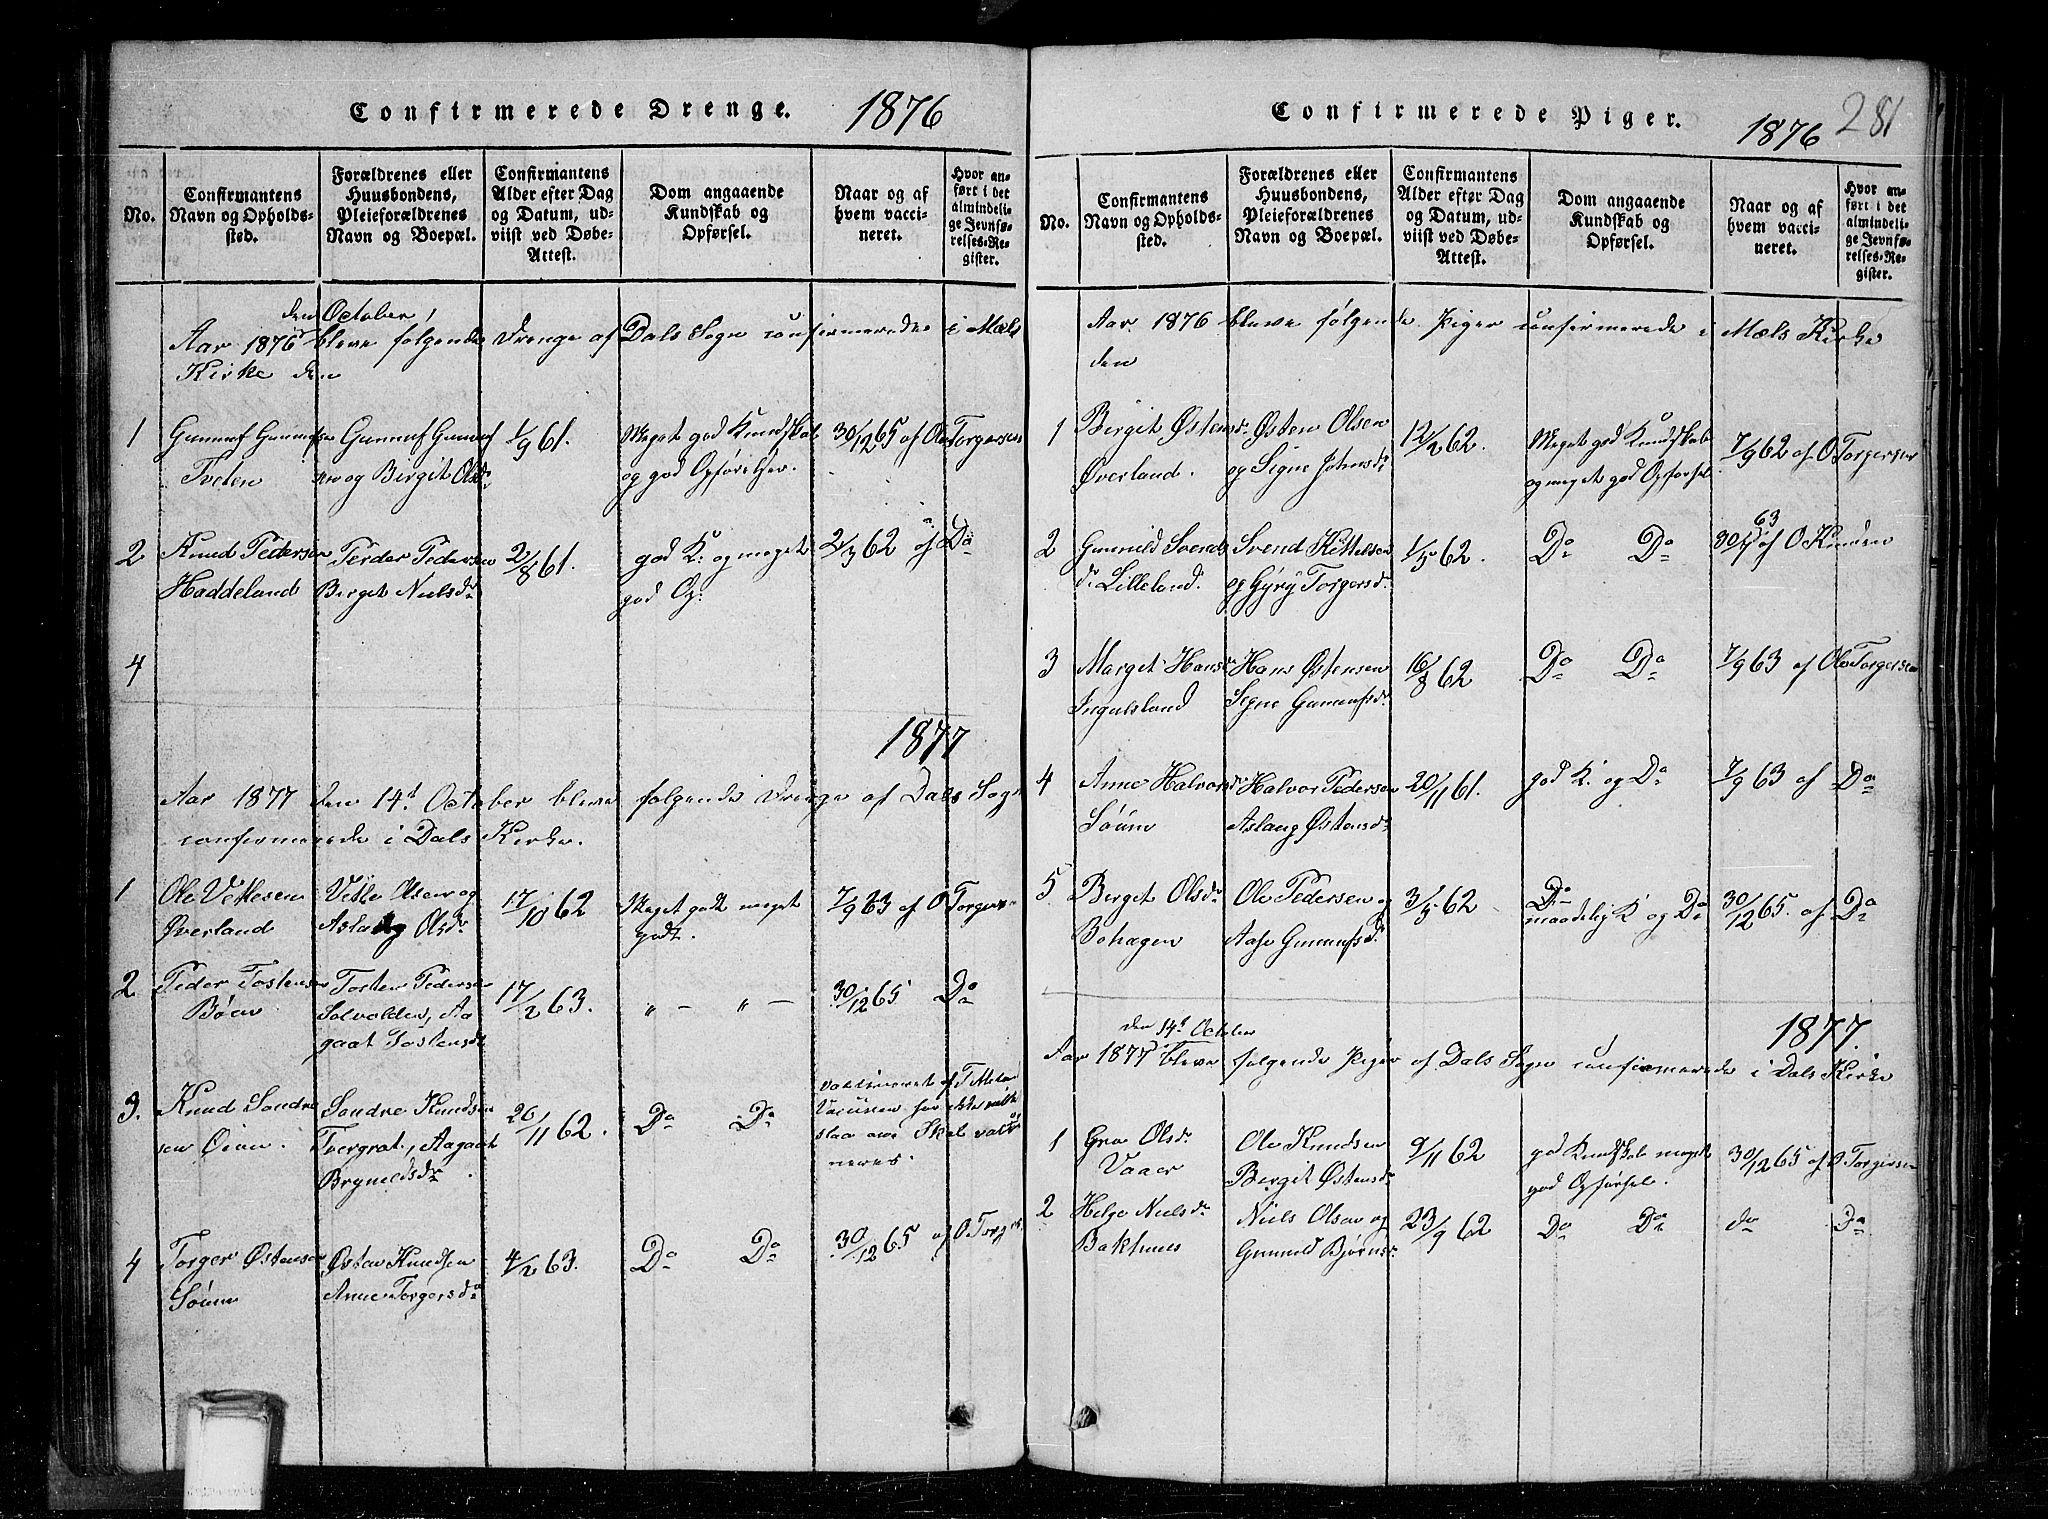 SAKO, Tinn kirkebøker, G/Gc/L0001: Klokkerbok nr. III 1, 1815-1879, s. 281